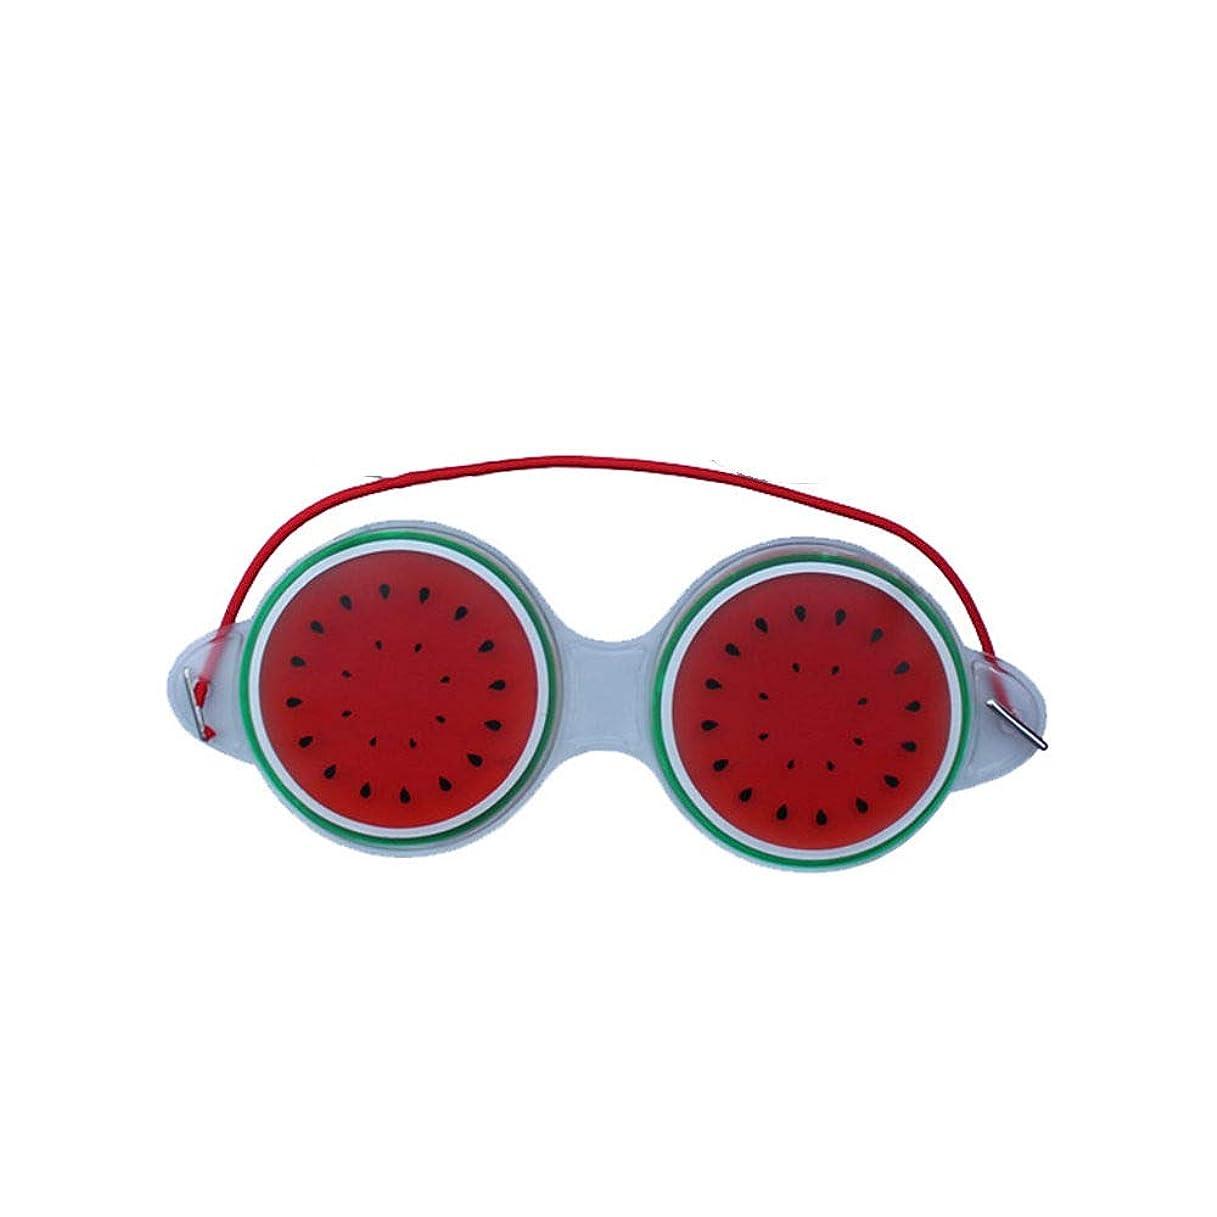 相互接続応答フローティングNOTE ジェルアイマスク睡眠よく圧縮かわいいフルーツジェル疲労緩和冷却アイケアリラクゼーションシールドアイケアツール